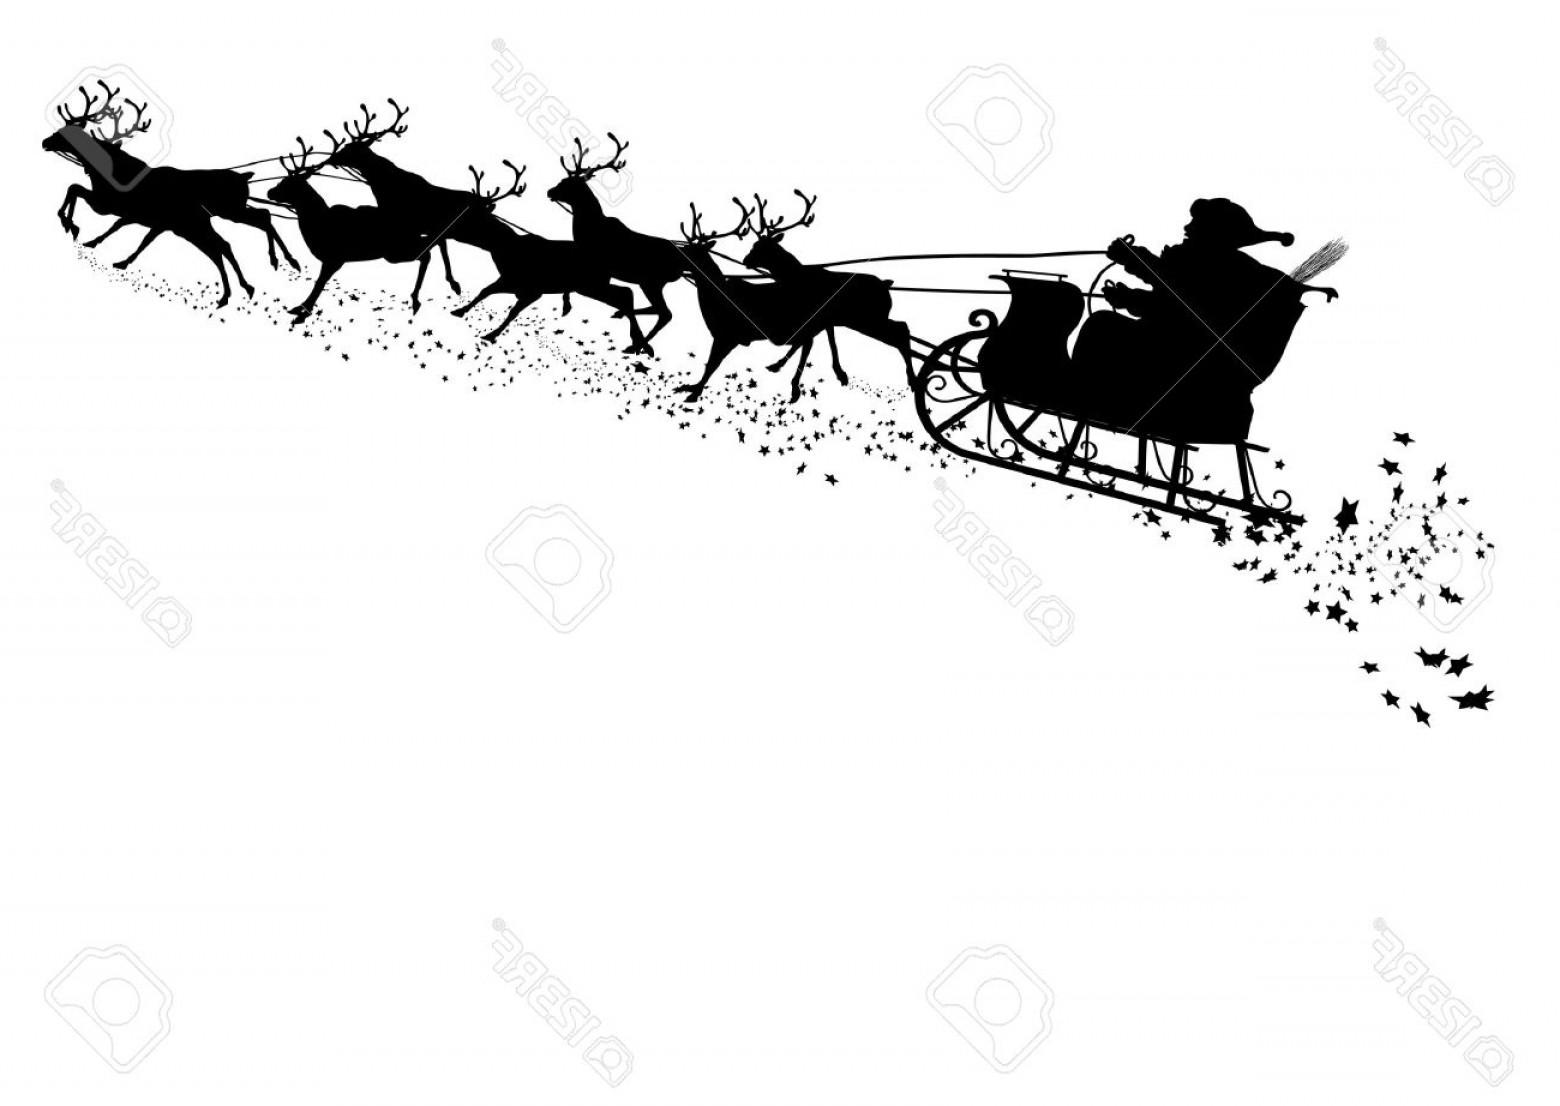 1560x1106 Photostock Vector Santa Claus With Reindeer Sleigh Black